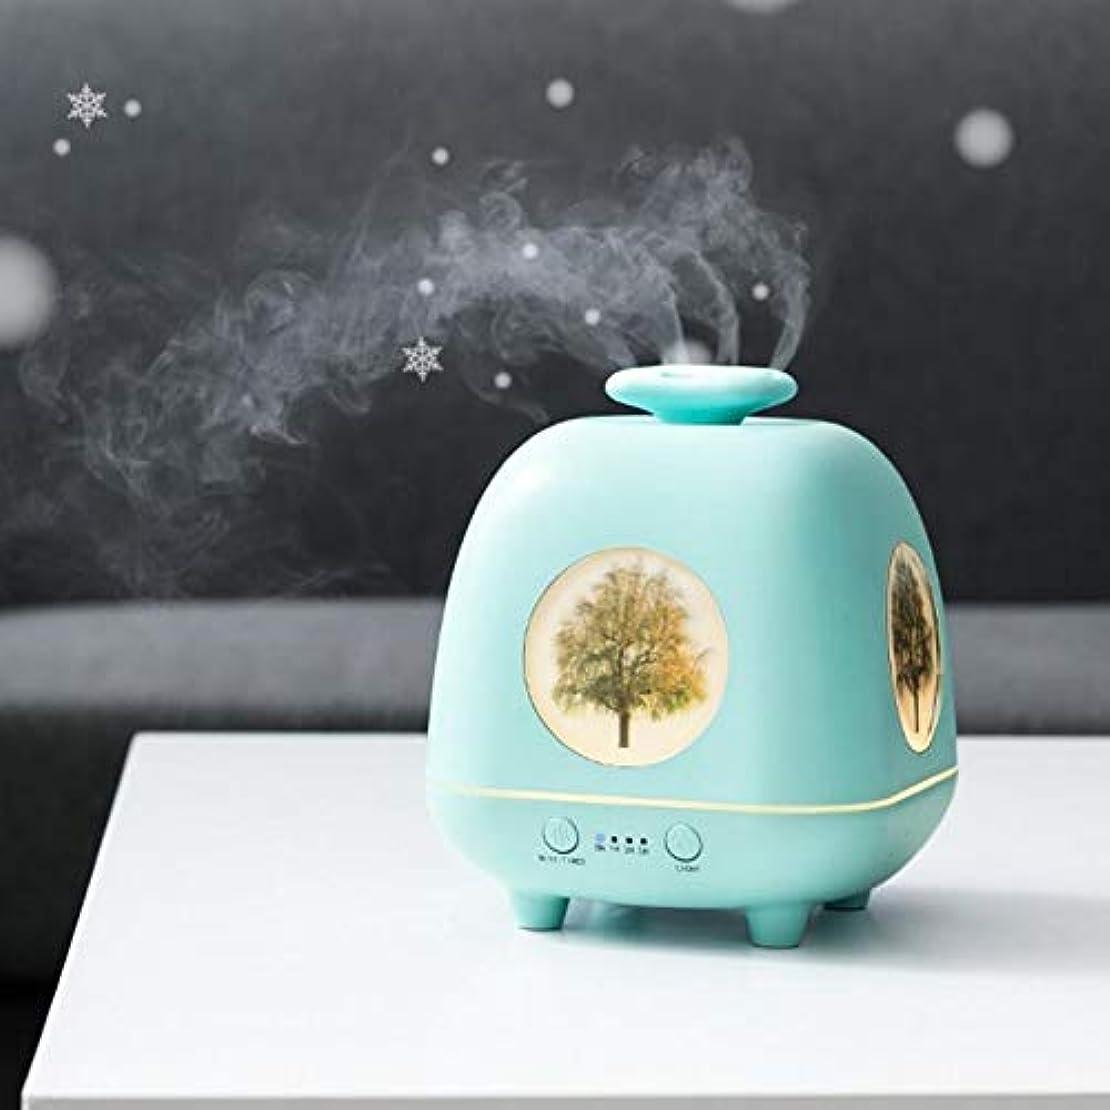 逮捕コミットメントプレミア涼しい霧 香り 精油 ディフューザー,7 色 空気を浄化 4穴ノズル 加湿器 時間 加湿機 ホーム Yoga デスク オフィス ベッド-青 230ml